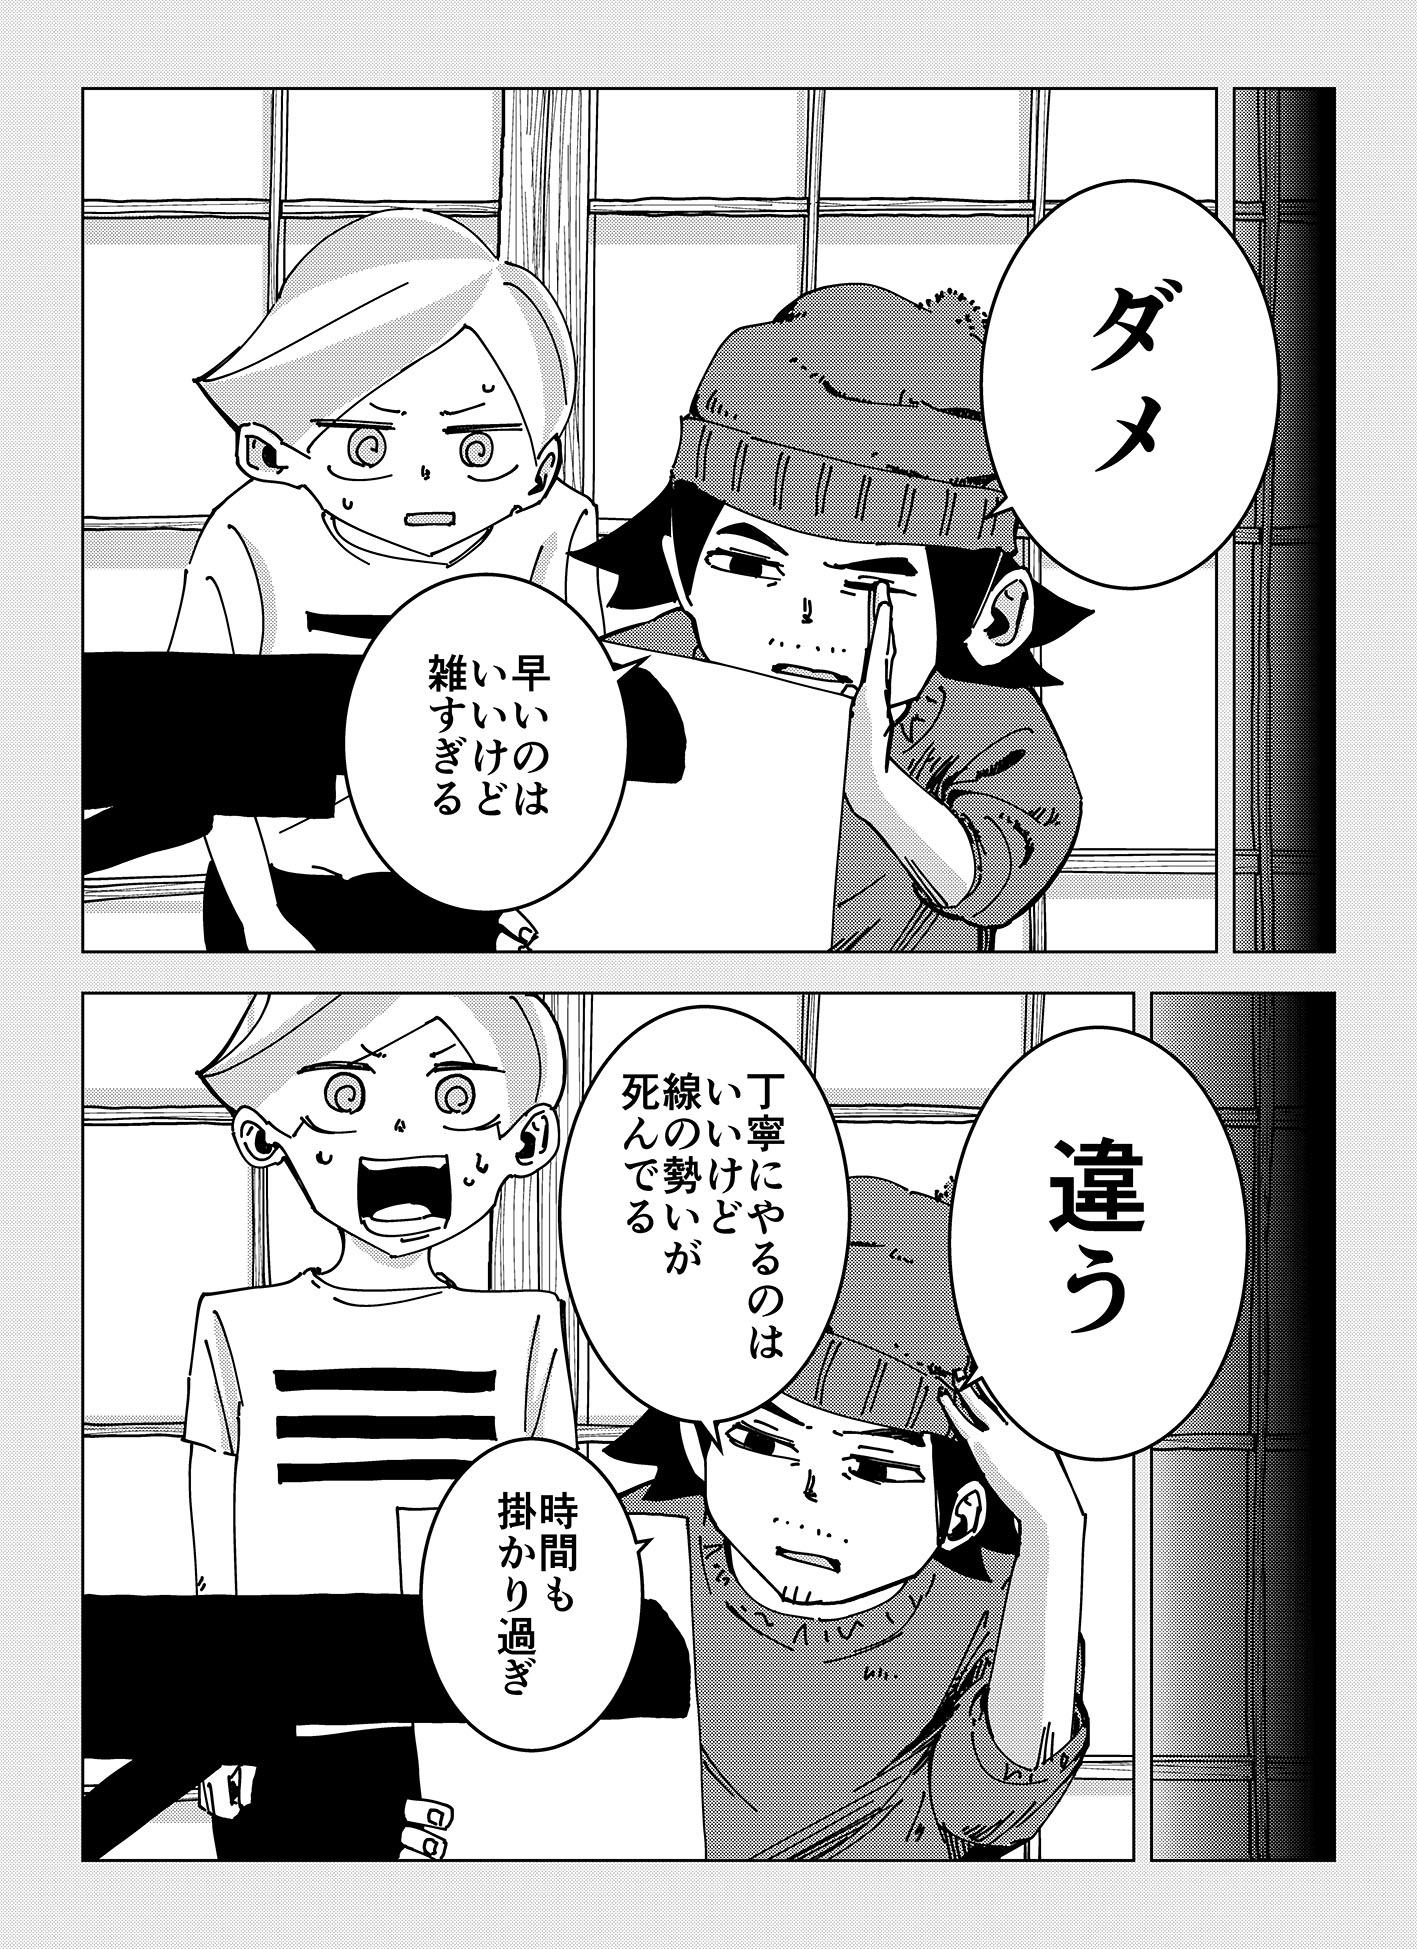 share_07_06